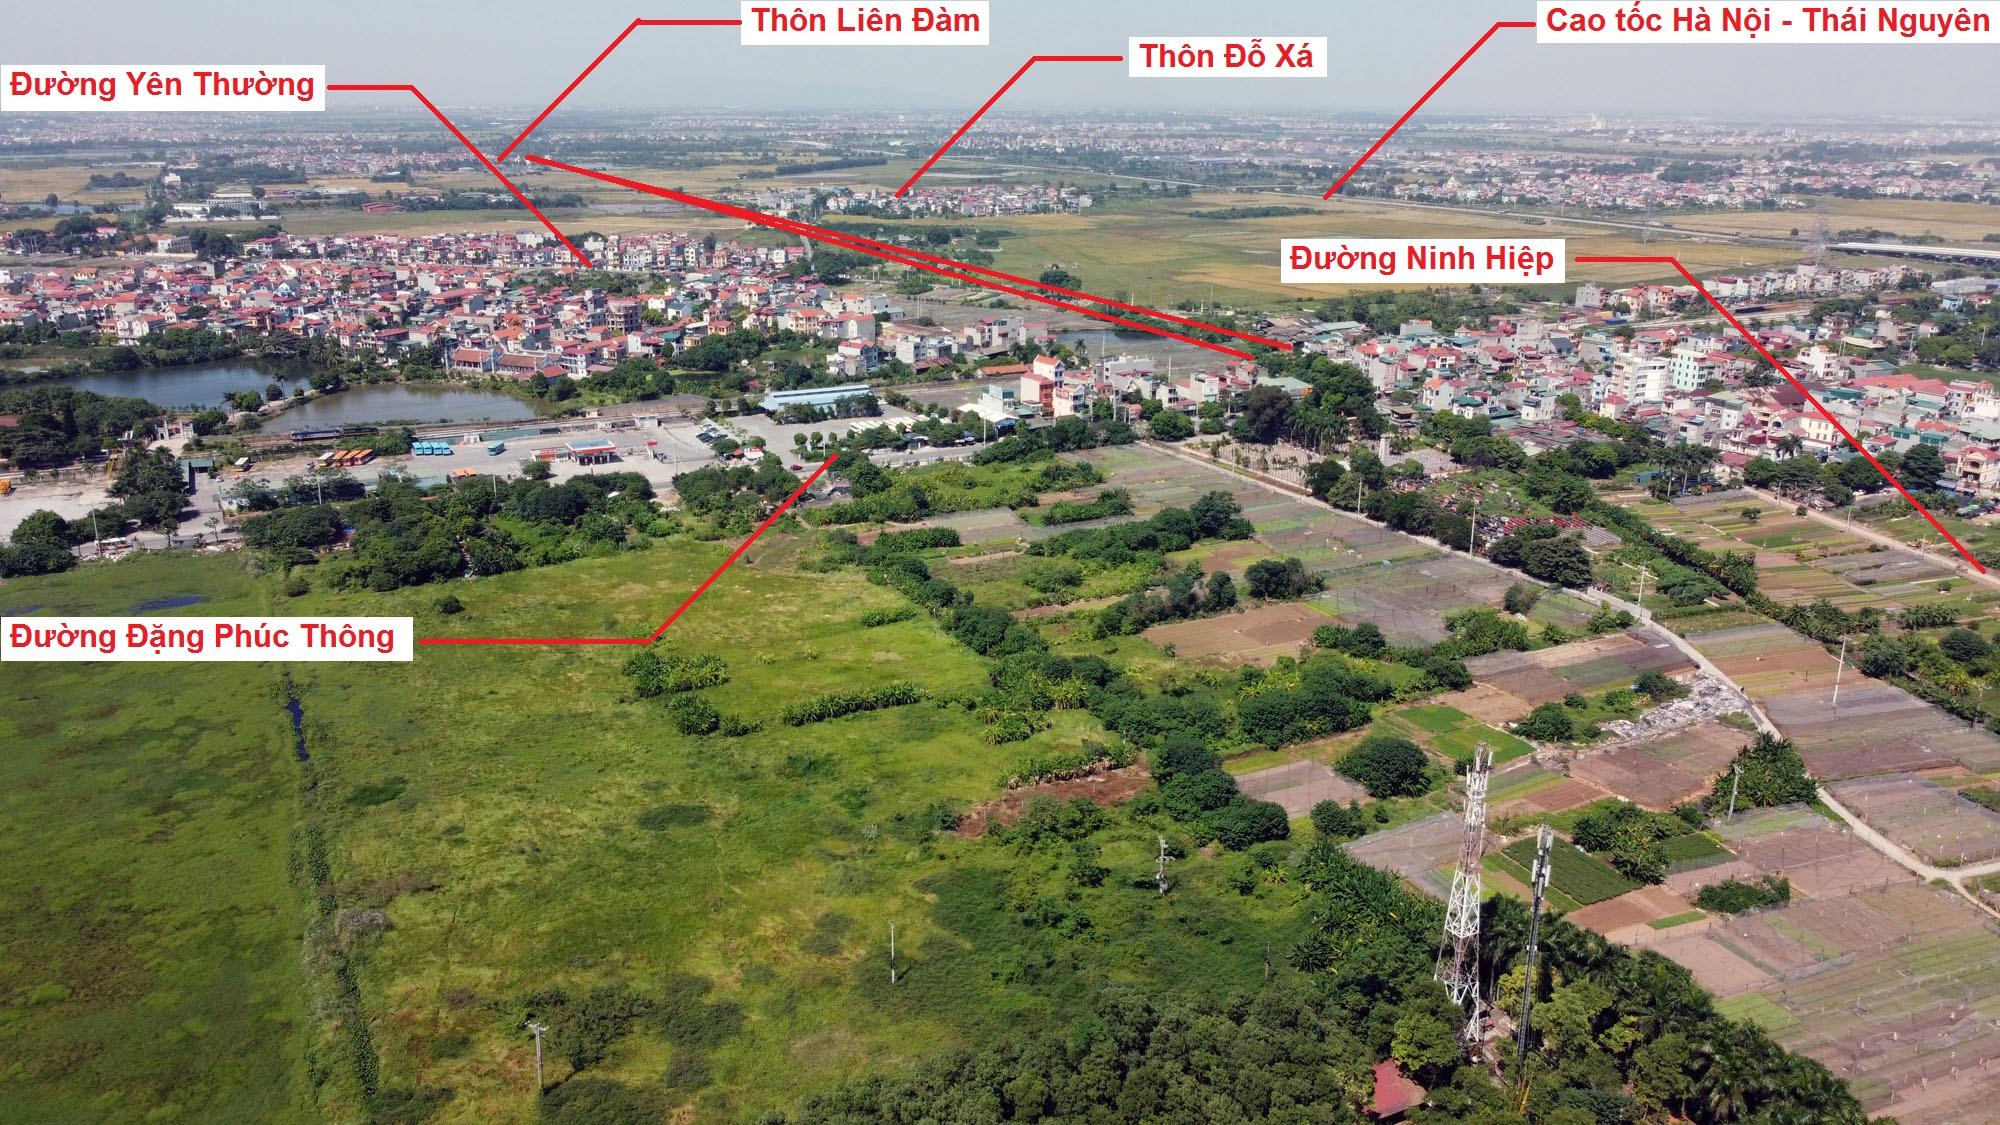 Ba đường sẽ mở theo quy hoạch ở xã Yên Thường, Gia Lâm, Hà Nội - Ảnh 14.